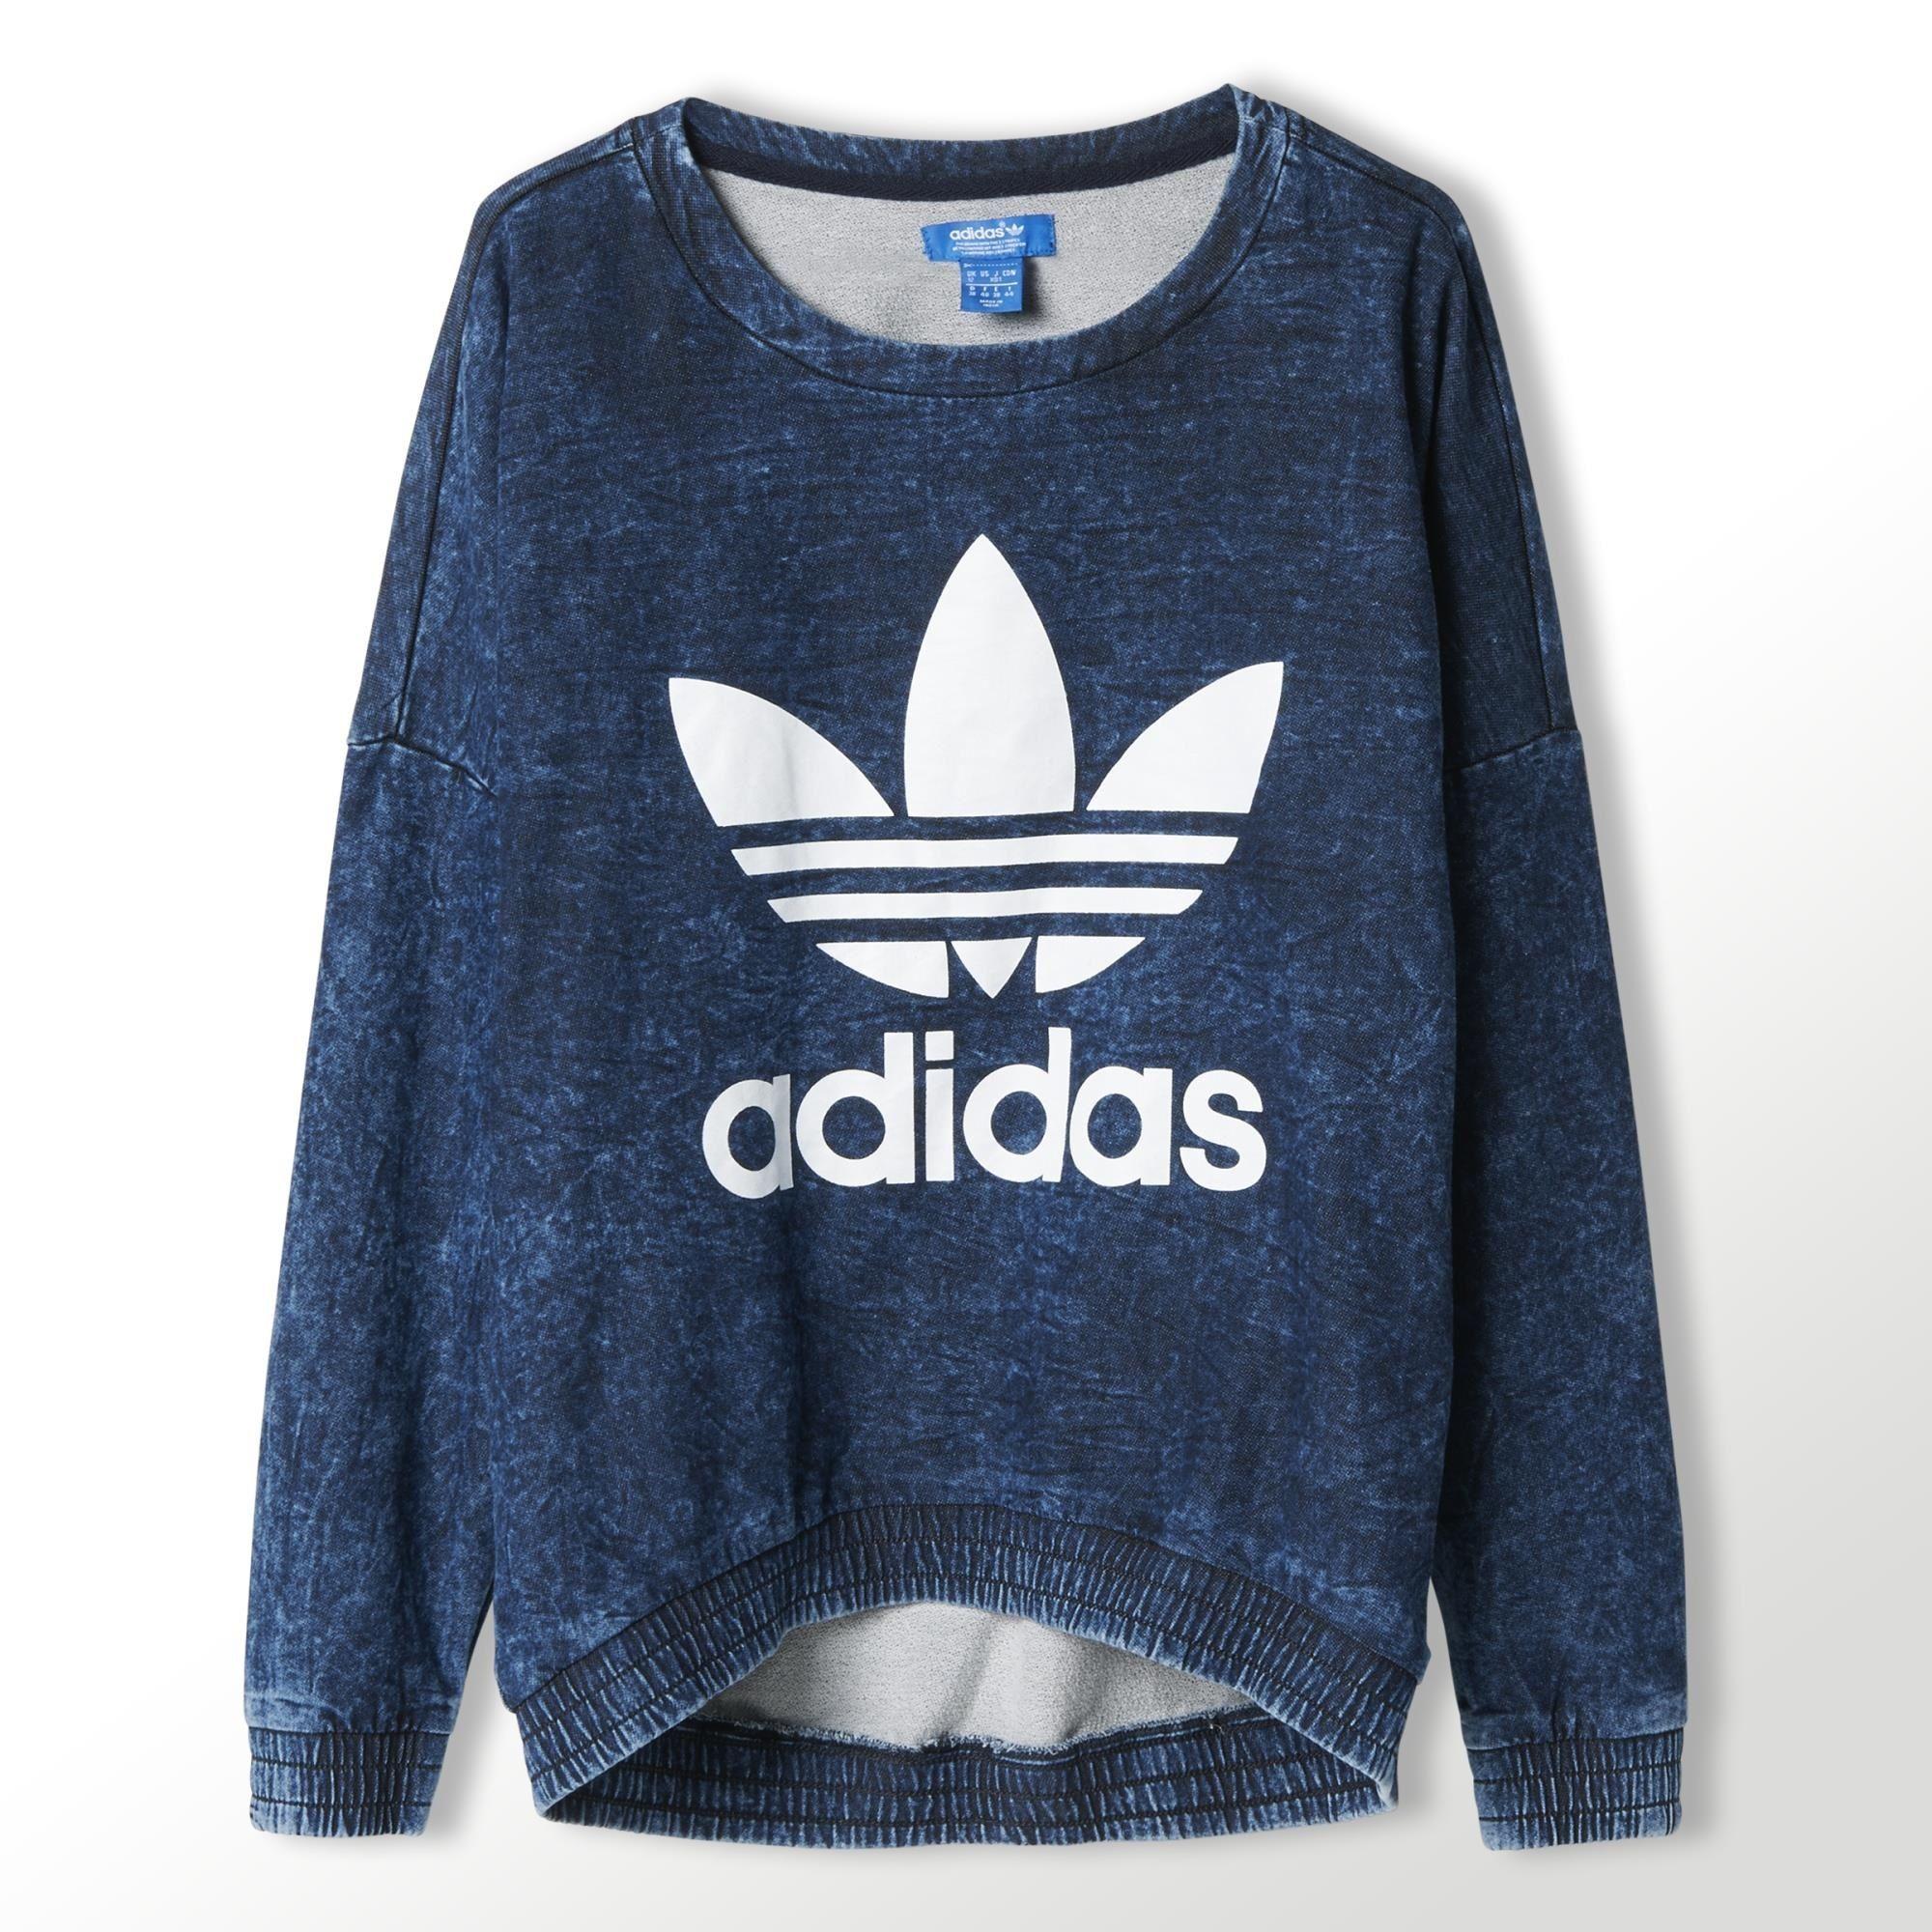 adidas Womens French Terry Acid-Wash Crewneck Sweatshirt | adidas Canada